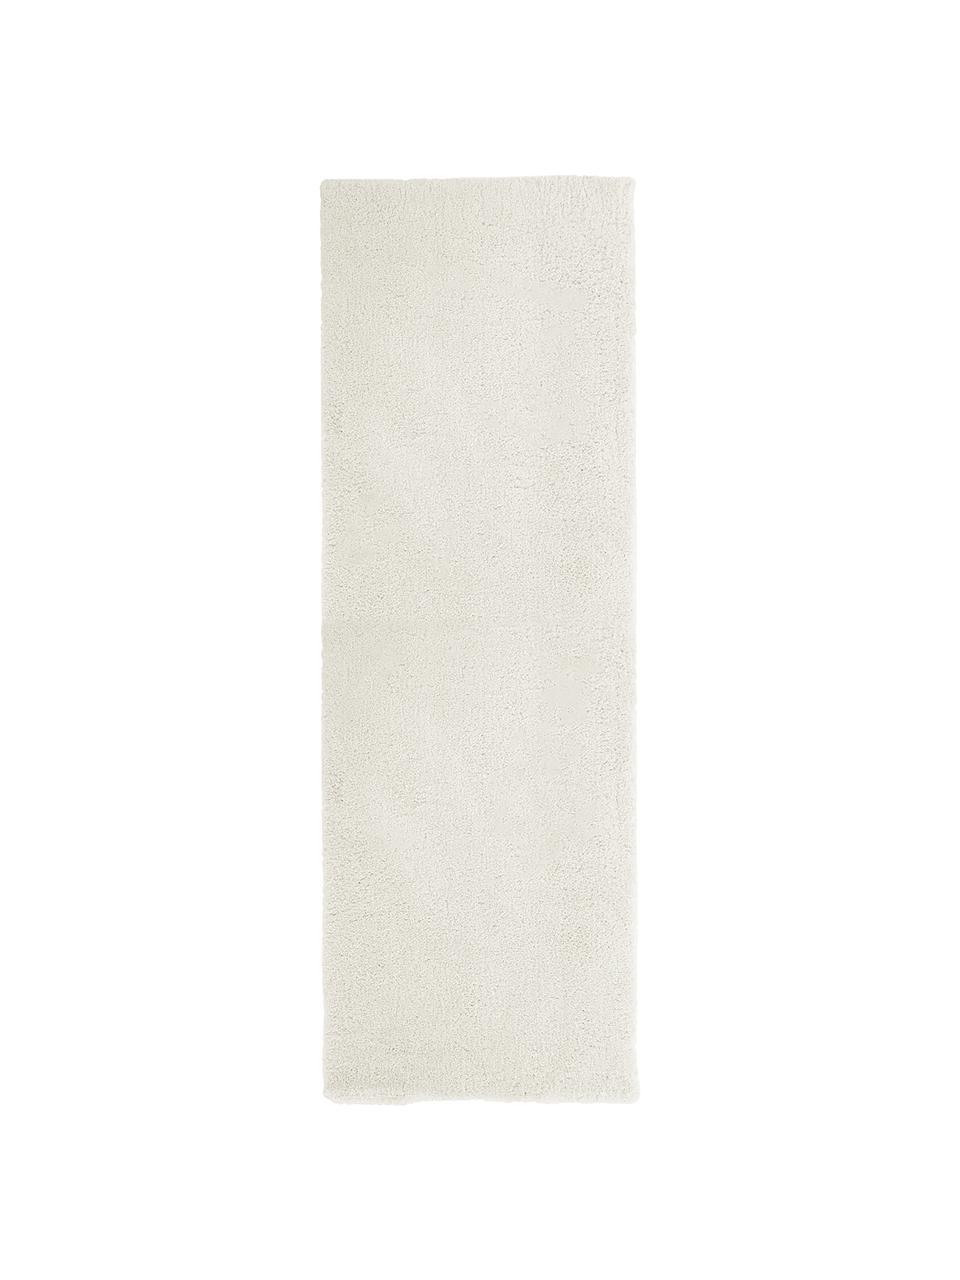 Flauschiger Hochflor-Läufer Leighton in Creme, Flor: Mikrofaser (100% Polyeste, Creme, 80 x 250 cm